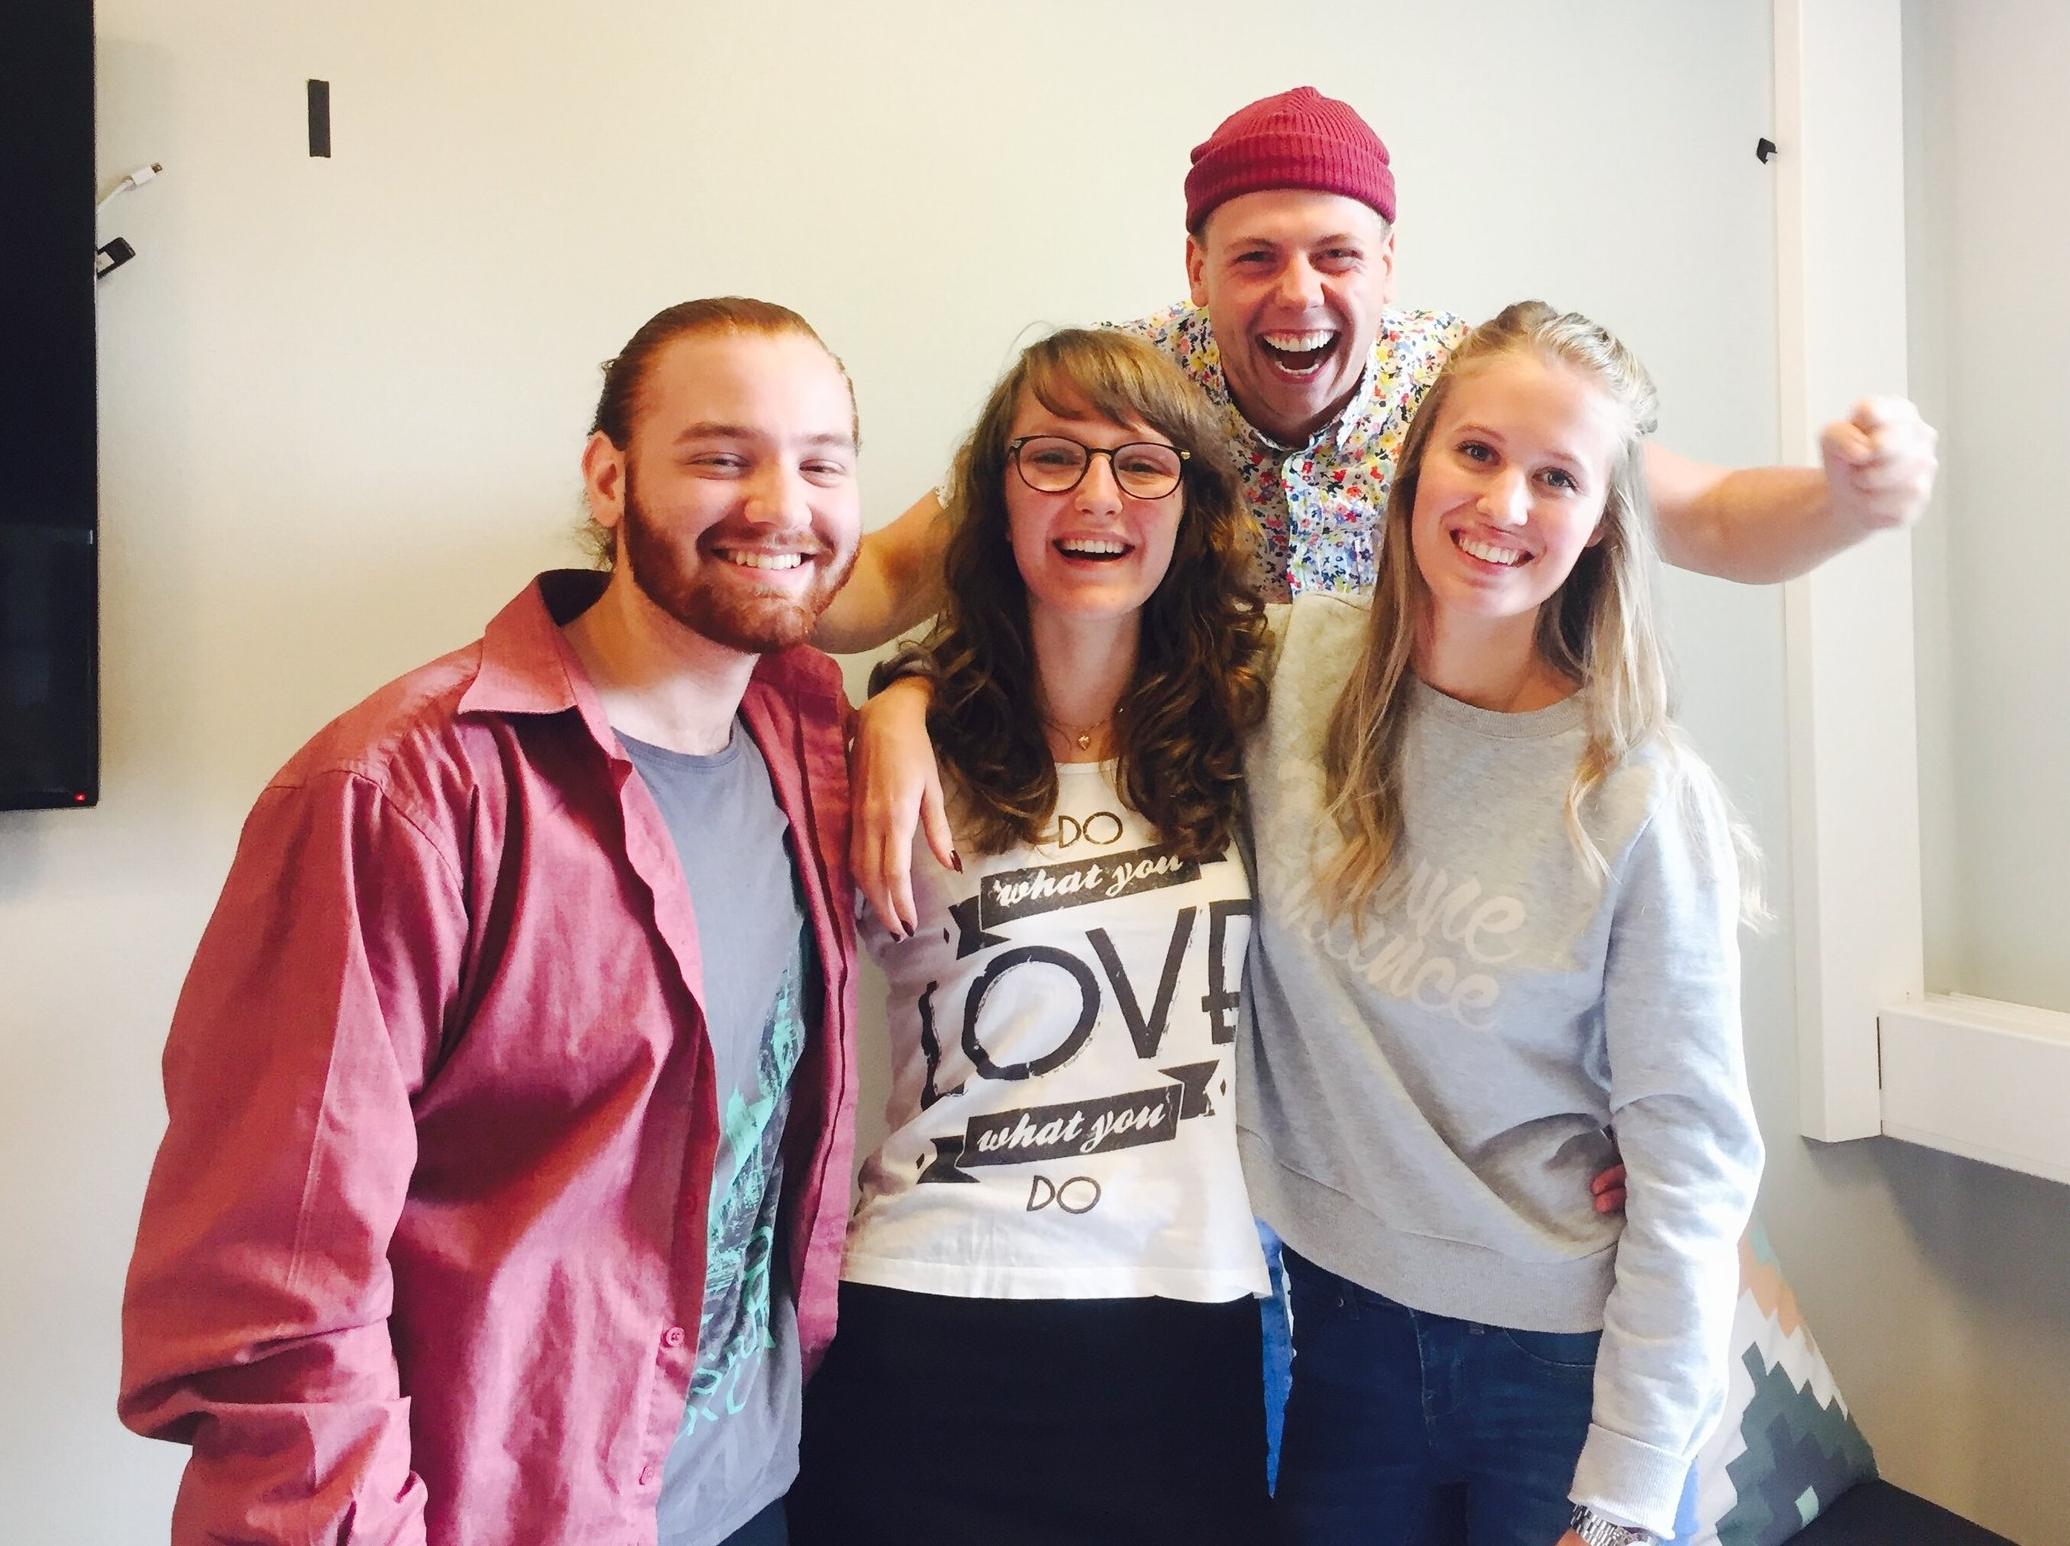 Josef ( producent ), Emanuel ( tekniker ), Kristina ( talare ) och Linnéa ( coach ) laddade inför en turné!